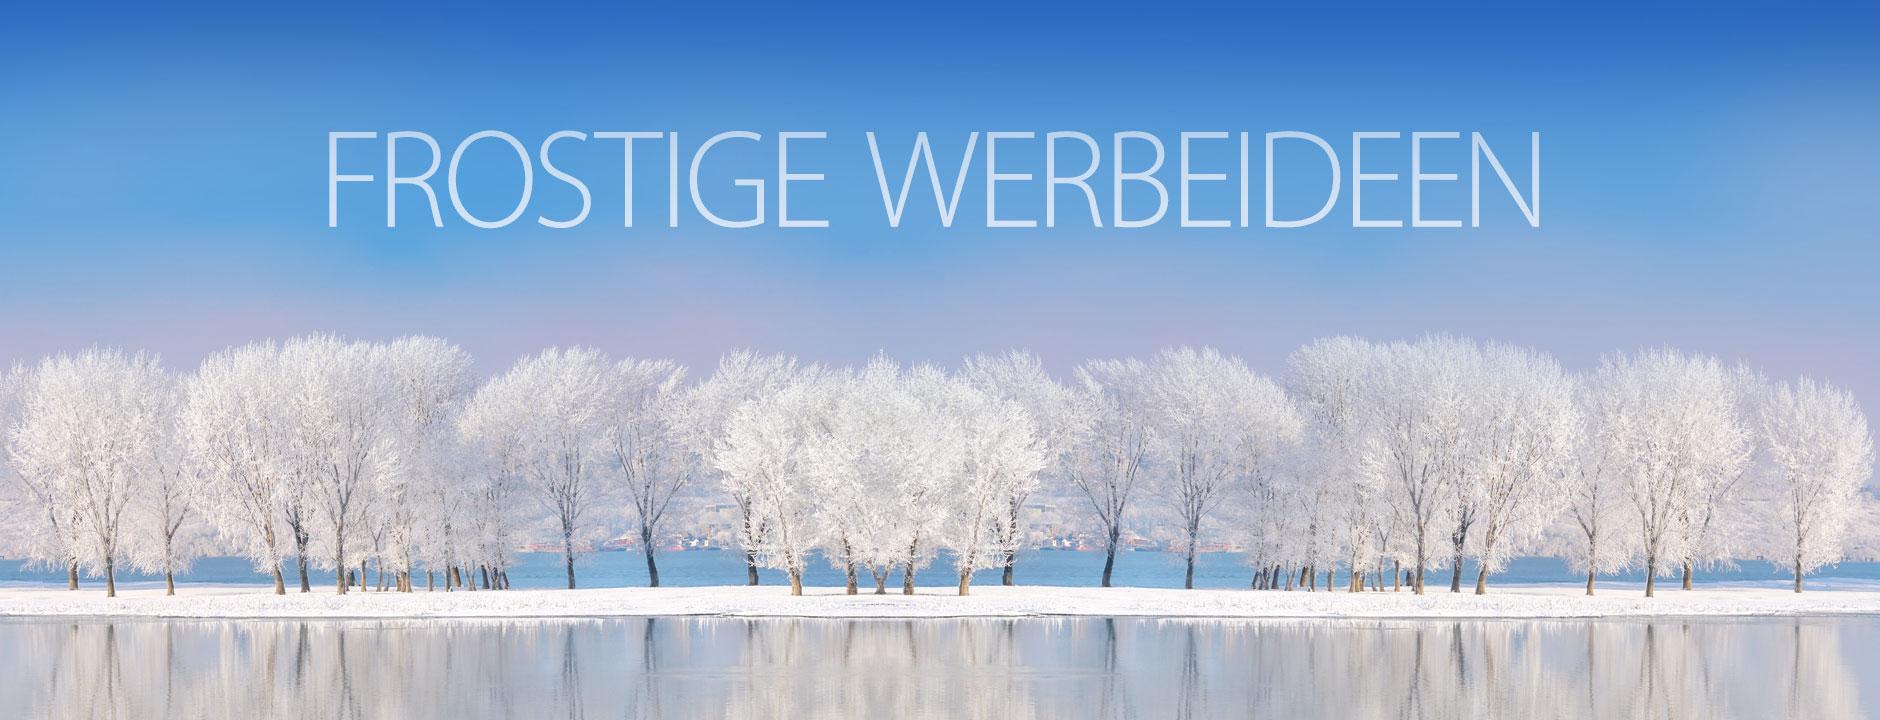 Werbegeschenke Winter